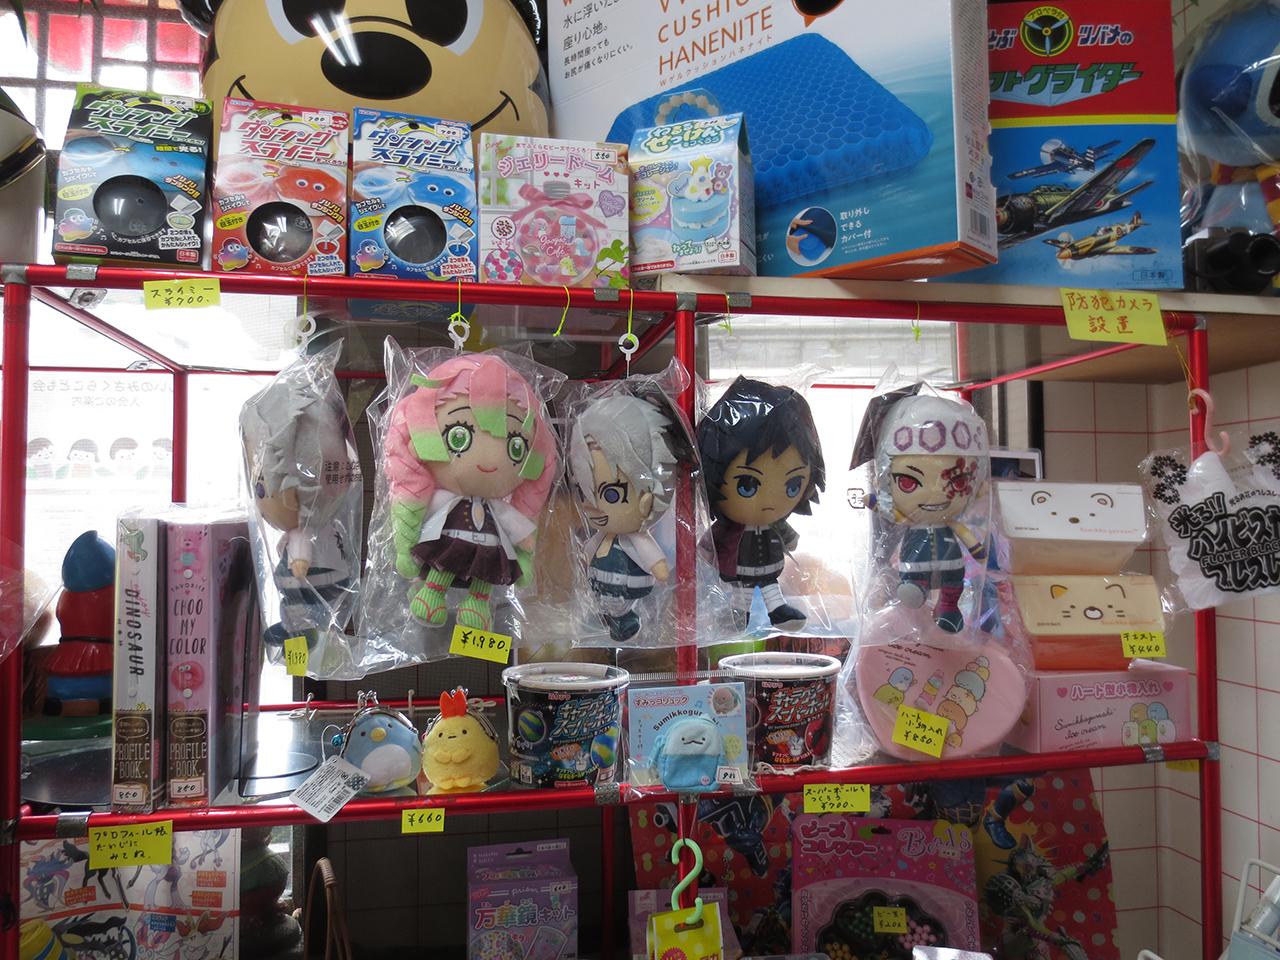 店内に飾られたおもちゃや文房具の写真